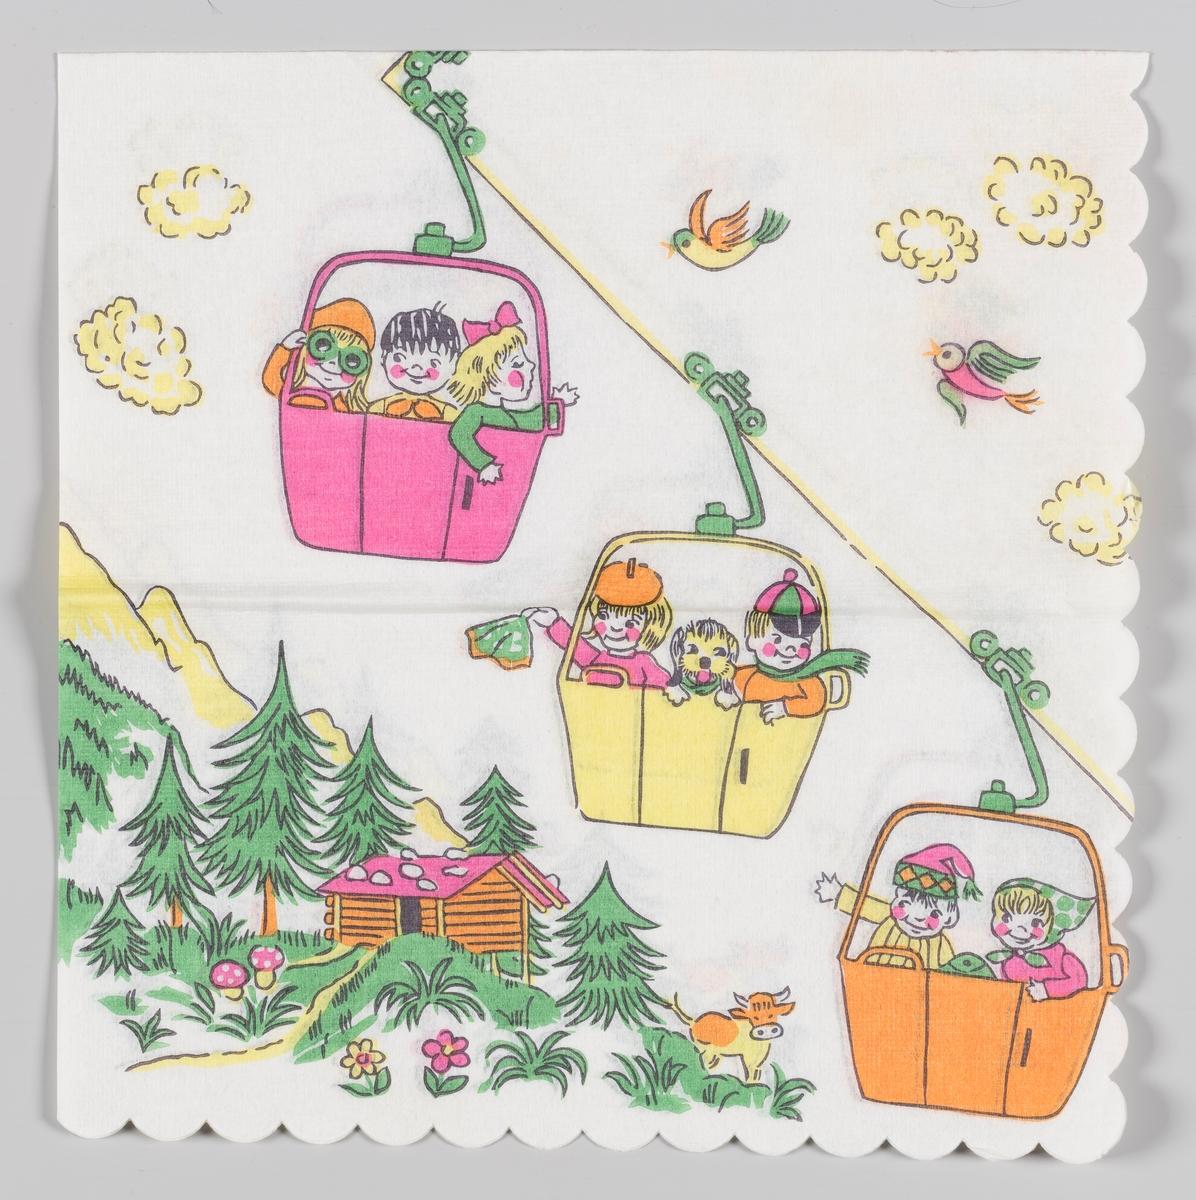 En gondolbane med tre gondoler med smilende barn. Fjell med et laftet hus, grantrær og blomster. Hvite skyer og fugler.